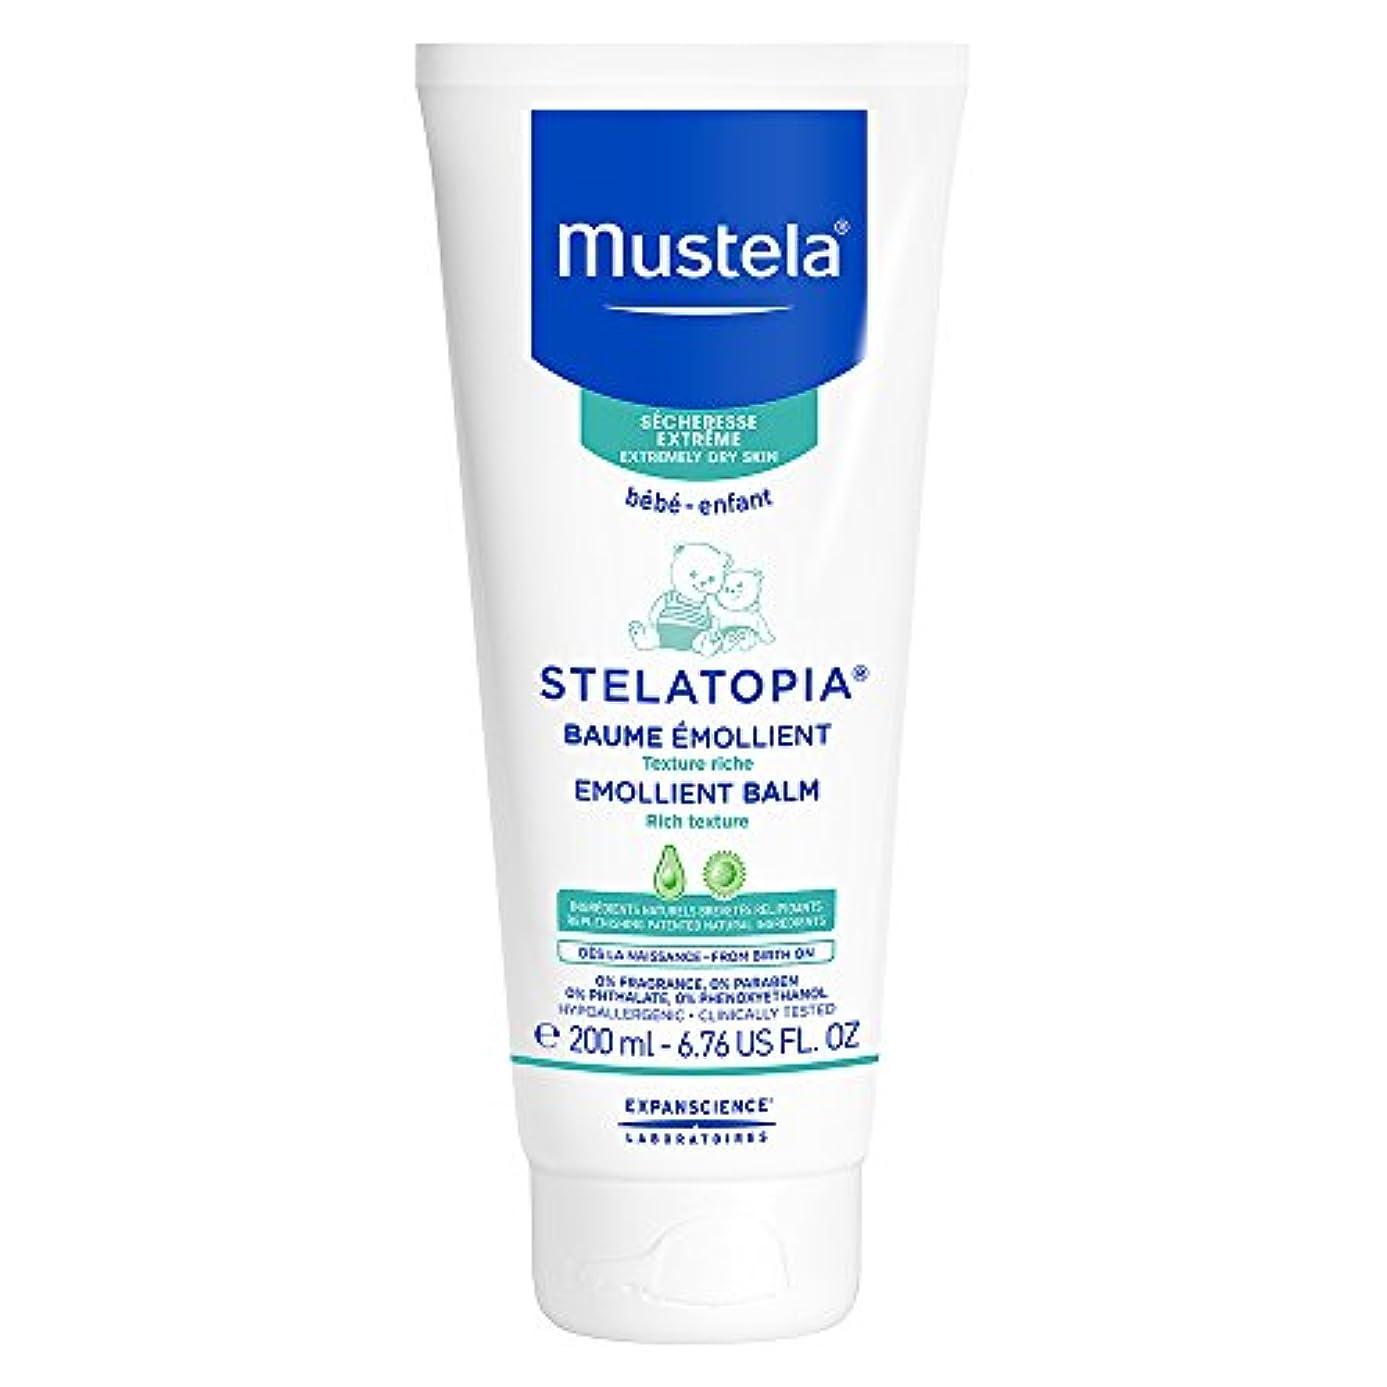 目を覚ます代わって過度のMustela - Stelatopia Emollient Balm (6.76 oz.)